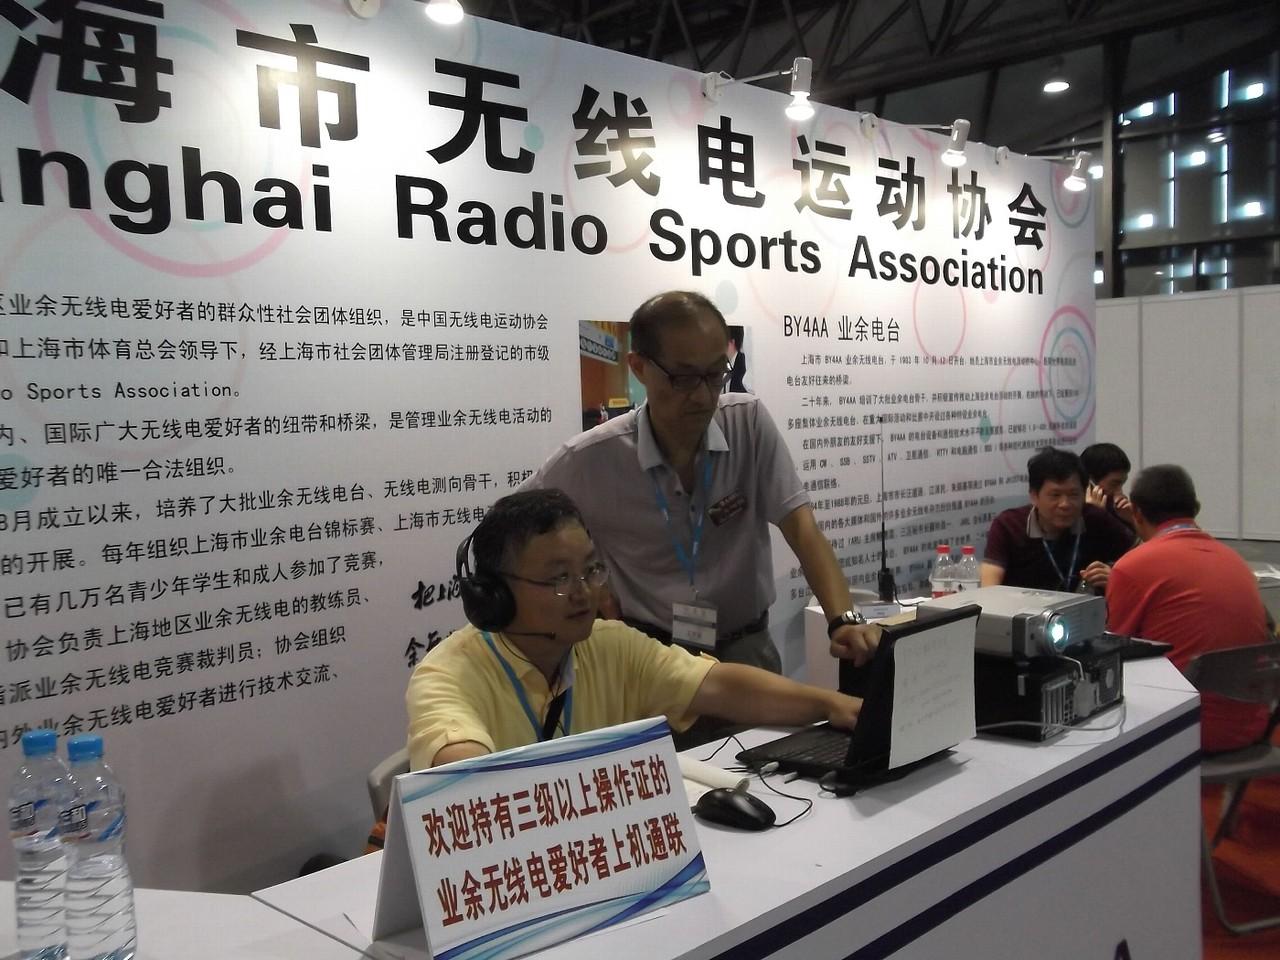 上海ハムフェステバル会場  上海無線電協会無線局 運用中のJE1PYHと胡先生